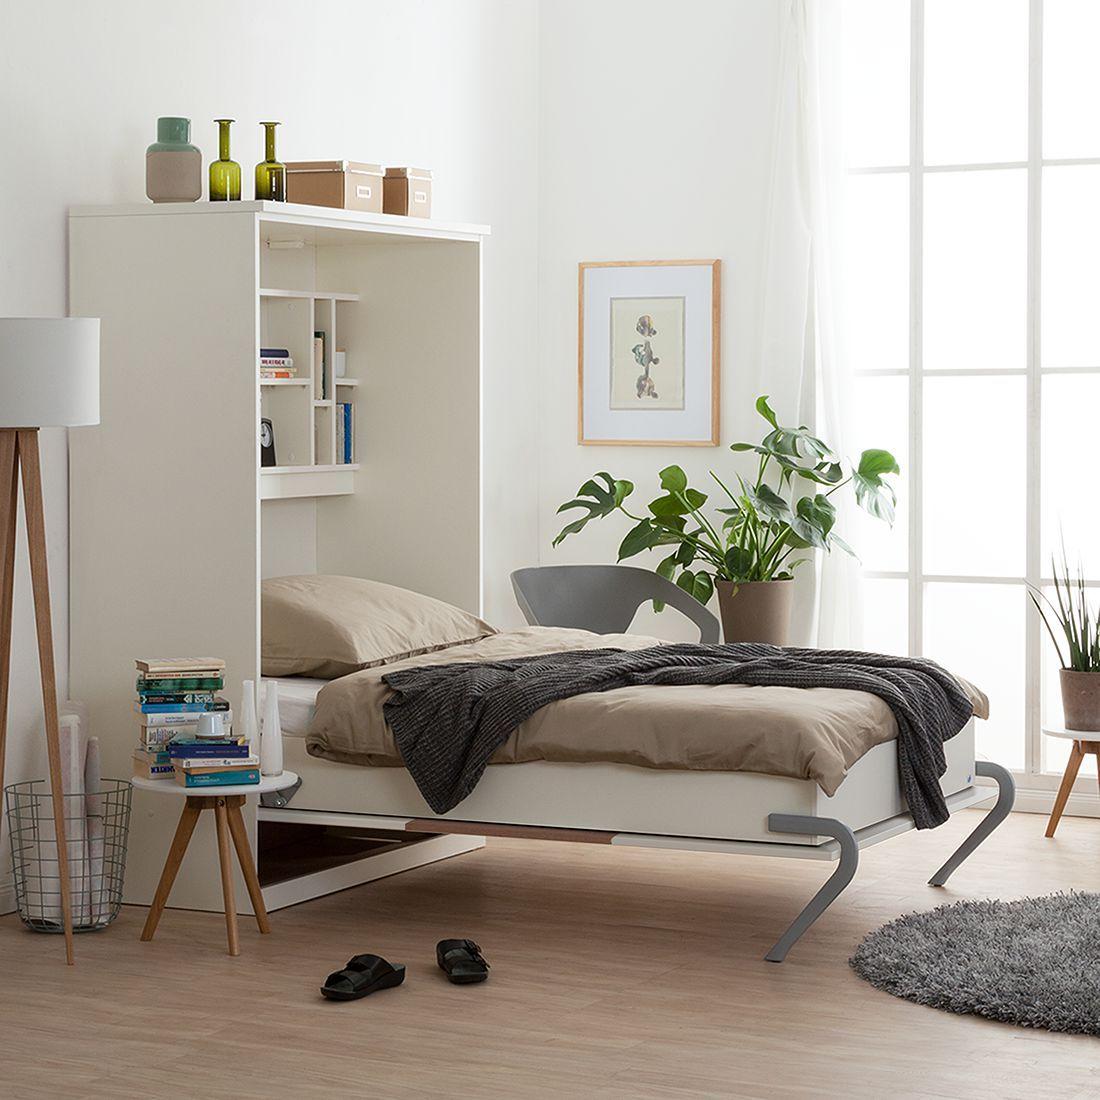 Schrankbett KiYDOO smart Haus deko, Bett, Schlafzimmermöbel